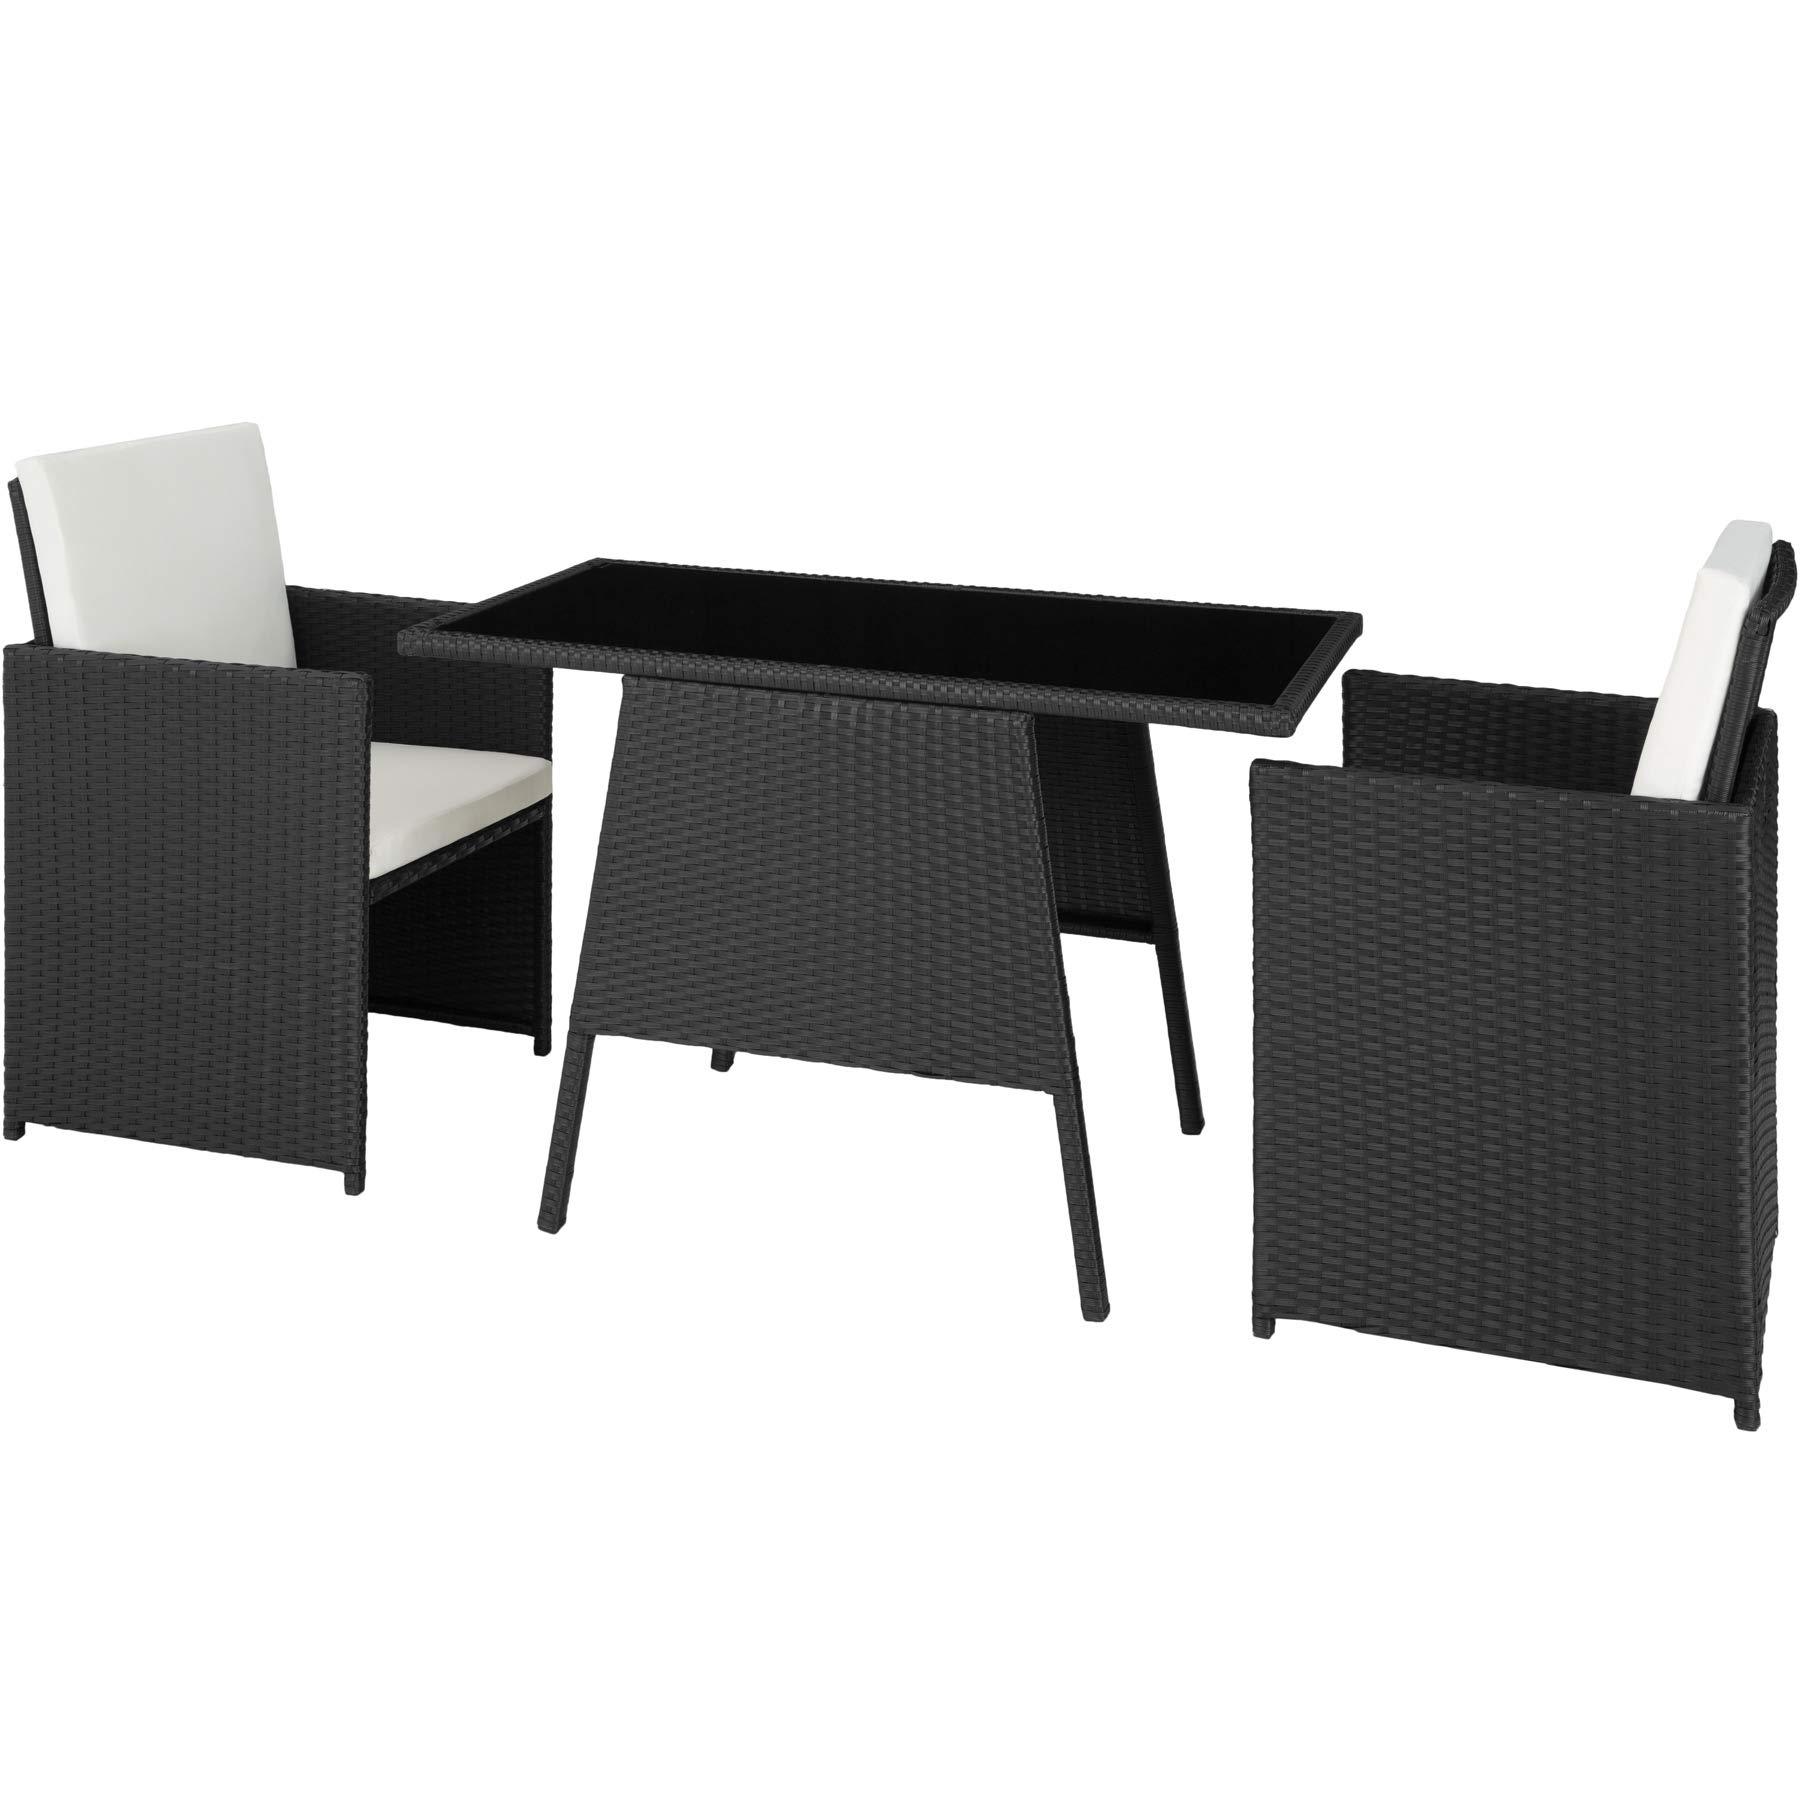 TecTake 800682 - Conjunto de Muebles de Jardín 2+1, Trenzado de Polirratán, Incluye Tornillos de Acero Inoxidable (Negro | No. 403096): Amazon.es: Jardín